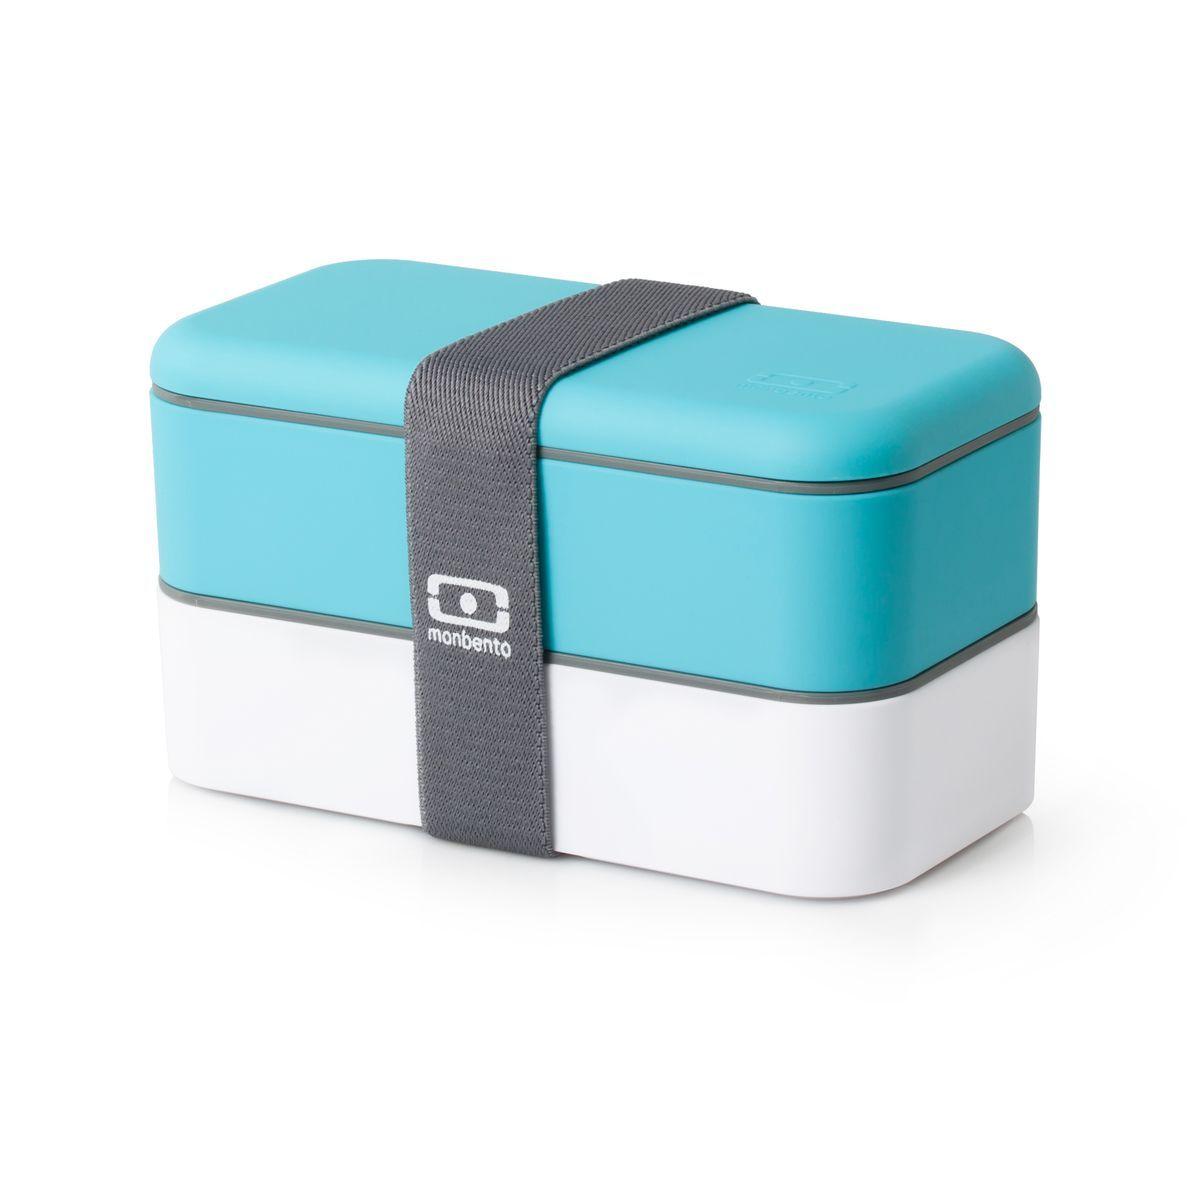 Ланч-бокс Monbento Original, цвет: белый, голубой, 1 лFA-5125 WhiteЛанчбокс Monbento Original изготовлен из высококачественного пищевого пластика с приятным на ощупь прорезиненным покрытием soft-touch. Предназначен для хранения и переноски пищевых продуктов. Ланчбокс представляет собой два прямоугольных контейнера, в которых удобно хранить различные блюда. В комплекте также предусмотрена емкость для соуса, которая удобно помещается в одном из контейнеров. Контейнеры вакуумные, что позволяет продуктам дольше оставаться свежими и вкусными. Боксы дополнительно фиксируются друг над другом эластичным ремешком. Компактные размеры позволят хранить ланчбокс в любой сумке. Его удобно взять с собой на работу, отдых, в поездку. Теперь любимая домашняя еда всегда будет под рукой, а яркий дизайн поднимет настроение и подарит заряд позитива. Можно использовать в микроволновой печи и для хранения пищи в холодильнике, можно мыть в посудомоечной машине. В крышке каждого контейнера - специальная пробка, которую надо вытащить, если вы разогреваете еду. Объем одного контейнера: 0,5 л. Общий размер ланчбокса: 18 см х 9 см х 10,5 см. Размер контейнера: 18 см х 9 см х 4,5 см. Размер емкости для соуса: 8,5 см х 4,5 см х 3 см.Объем емкости для соуса: 0,1 л.